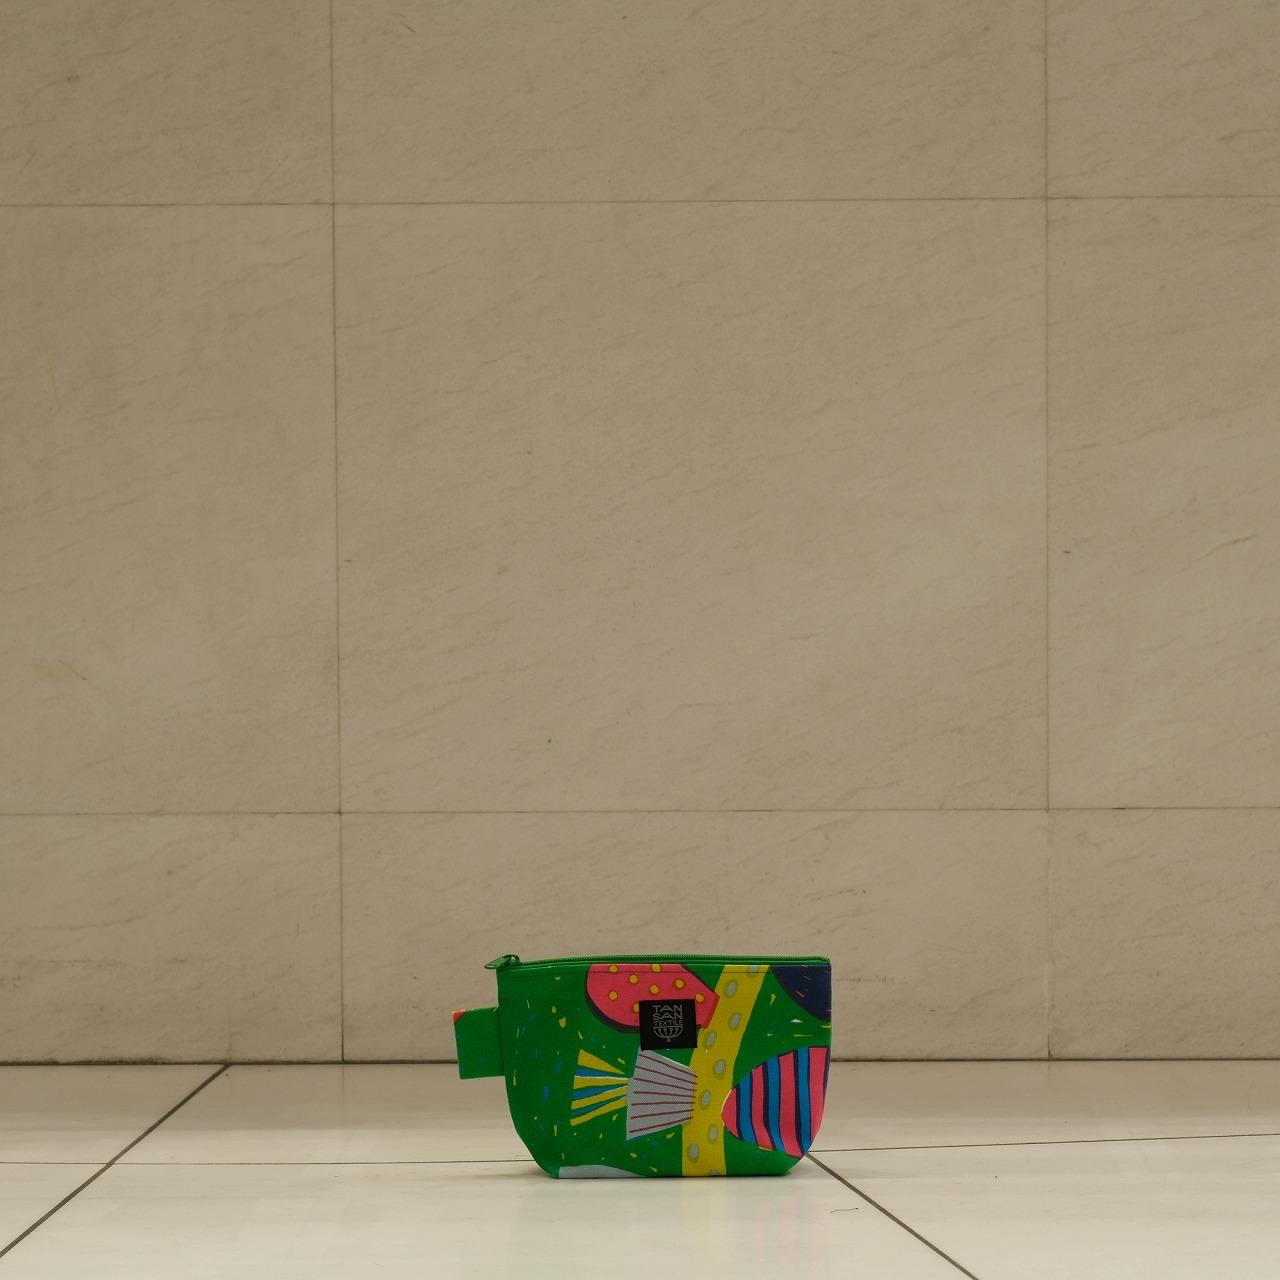 炭酸デザイン室 オンライン展示会 マチポーチM_d0182409_16542229.jpg